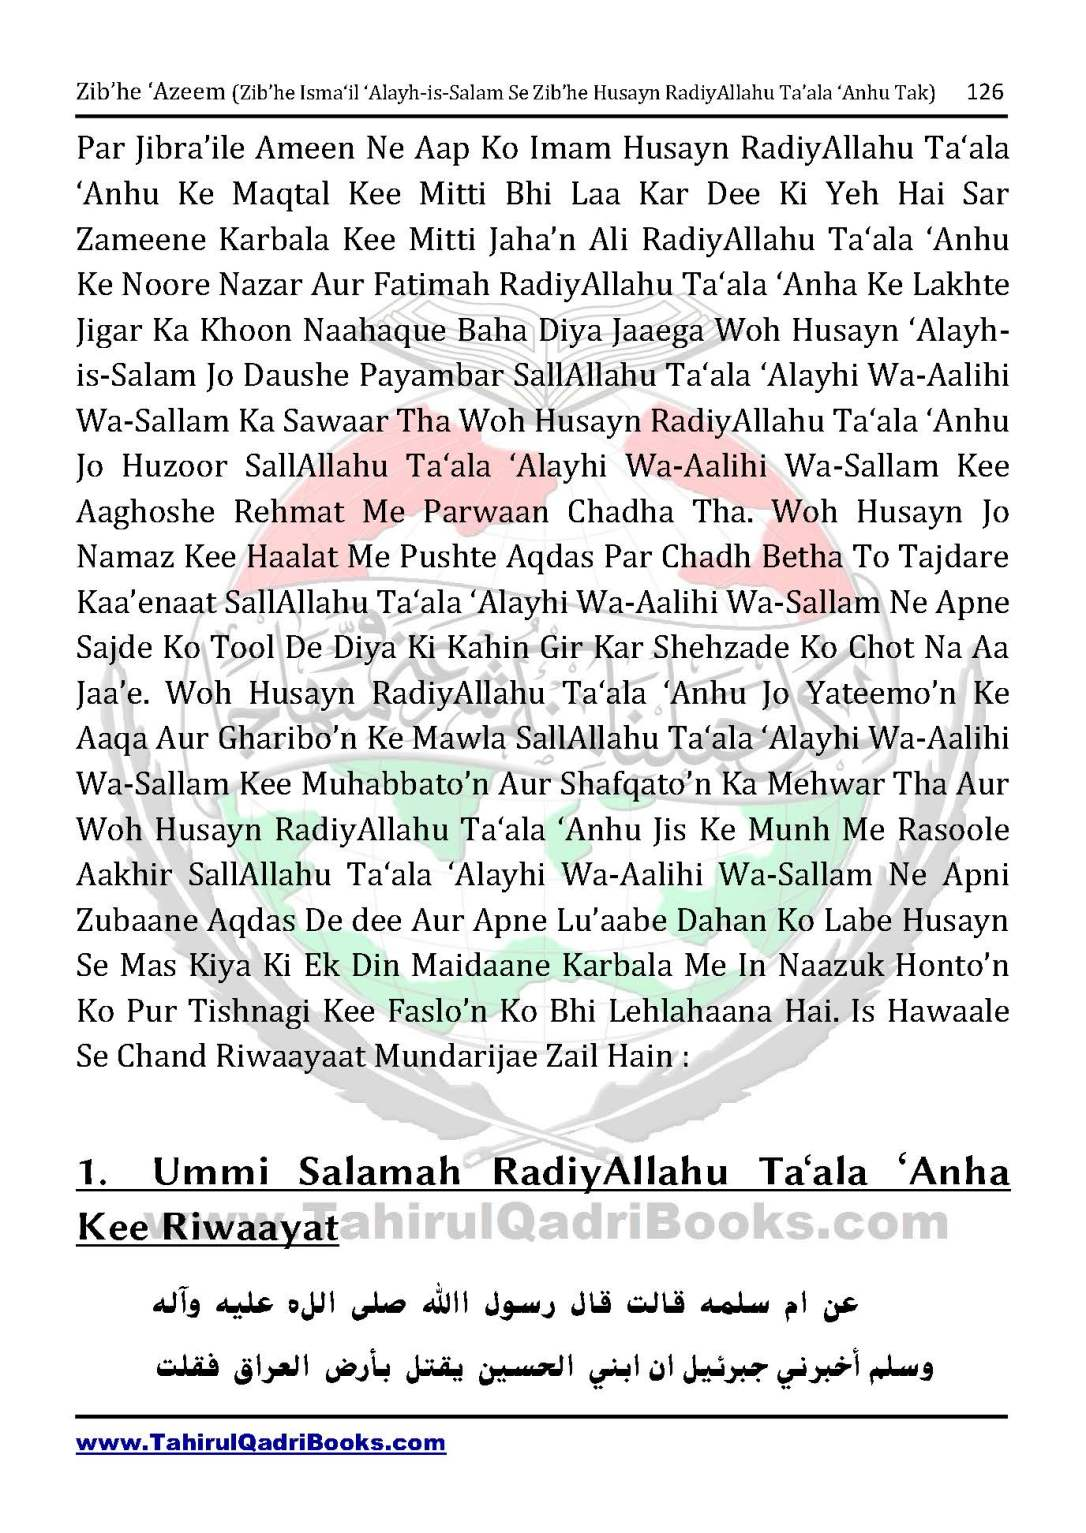 zib_he-e28098azeem-zib_he-ismacabbil-se-zib_he-husayn-tak-in-roman-urdu-unlocked_Page_126